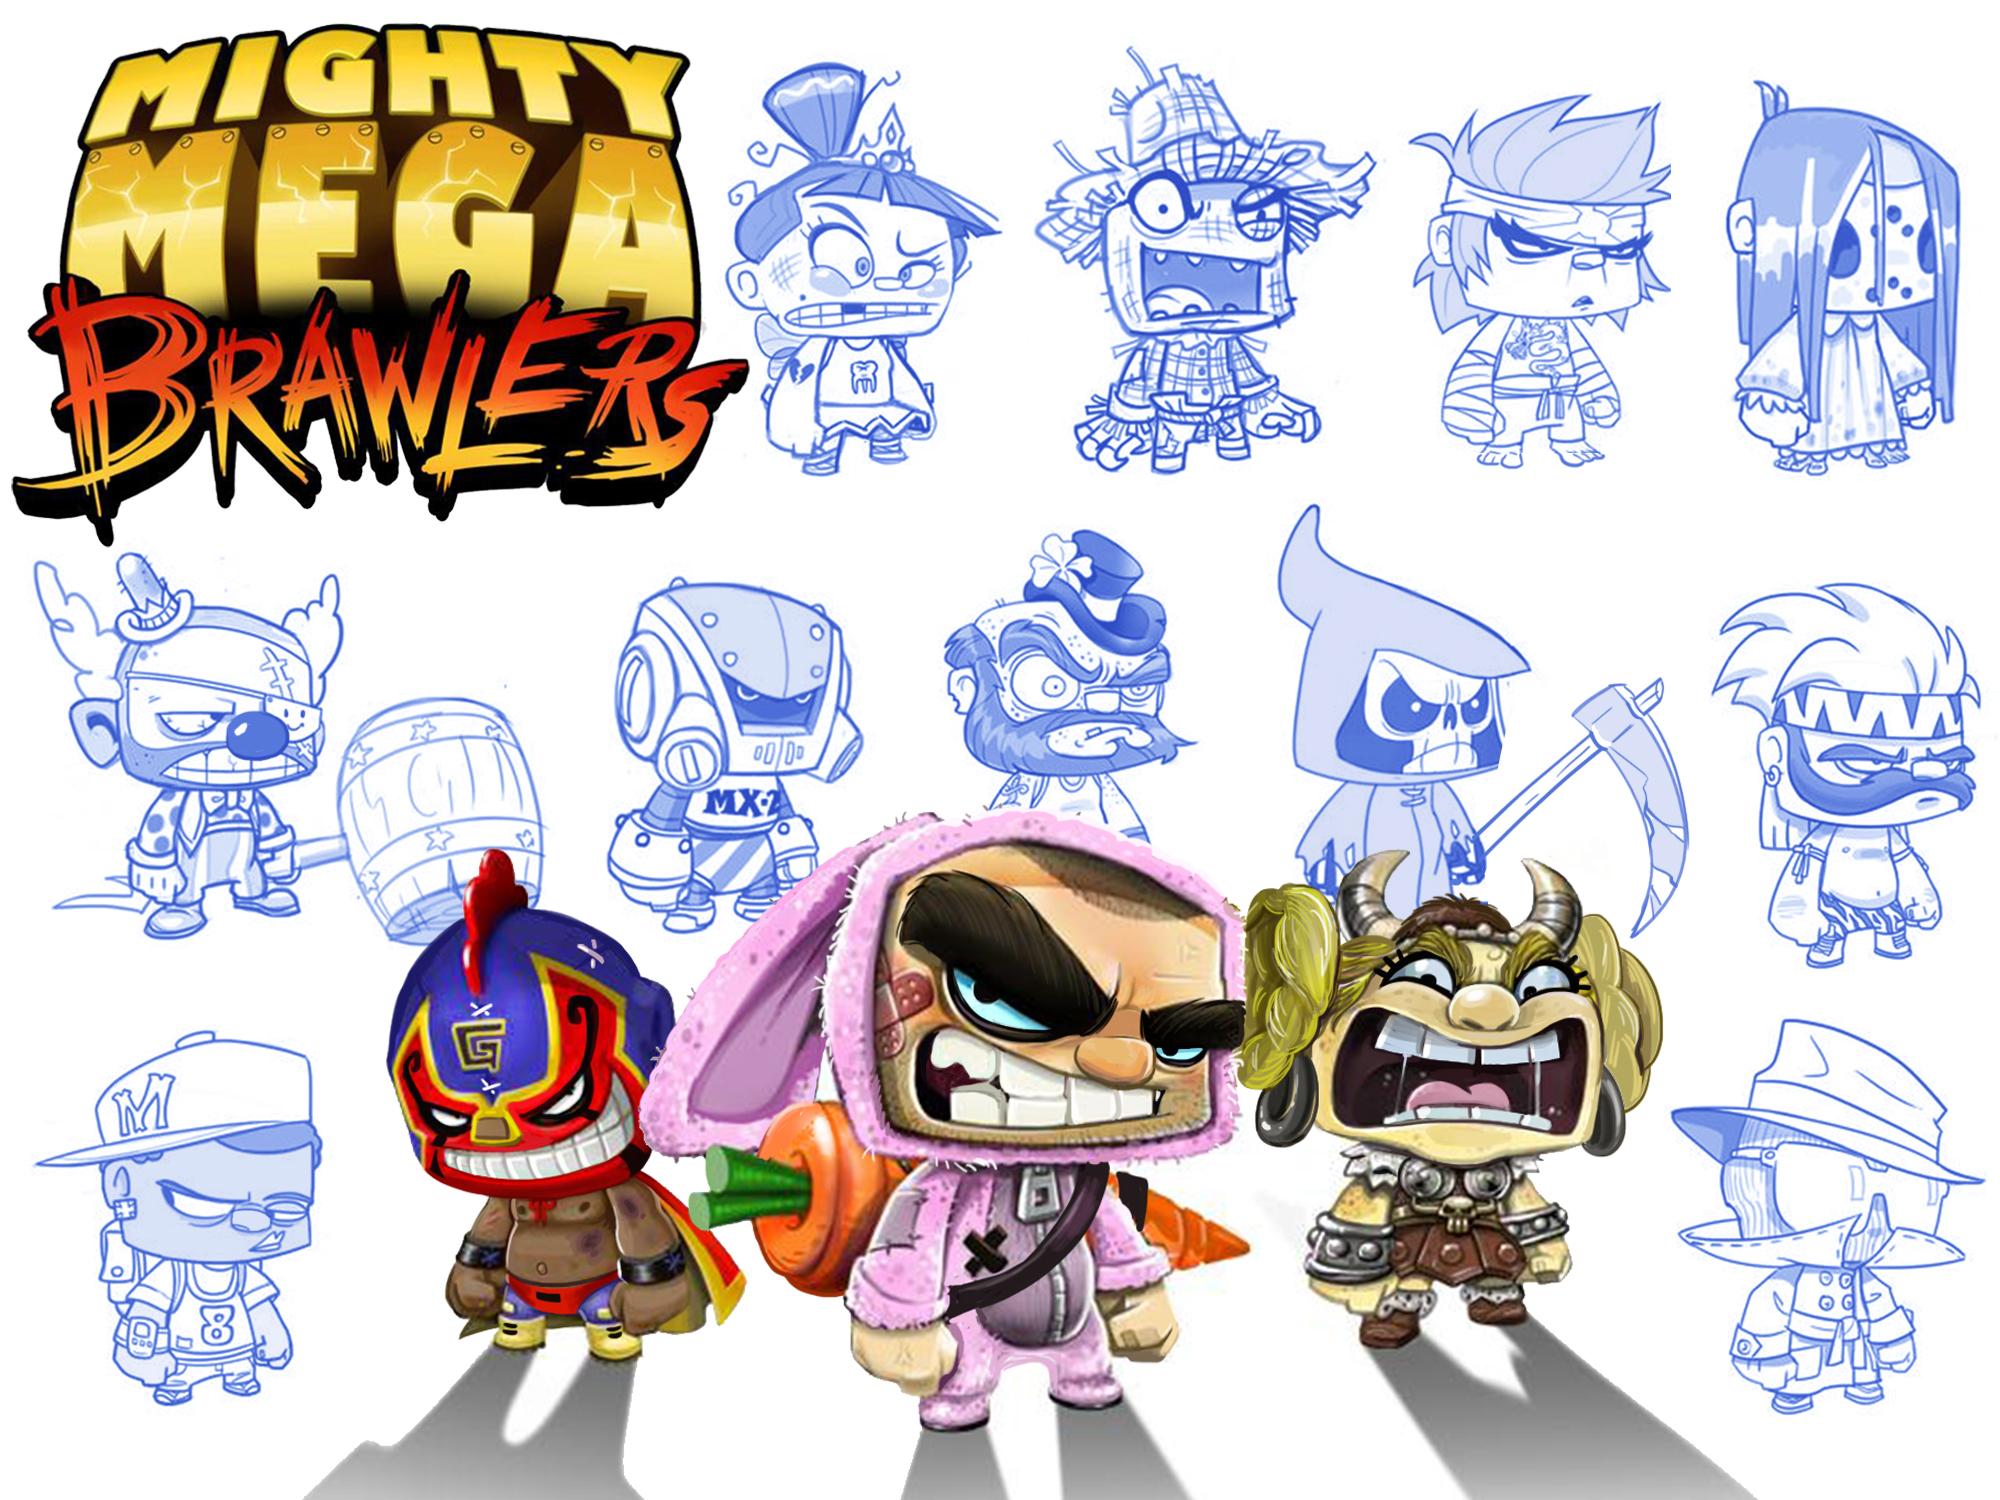 MightyMegaBrawlers